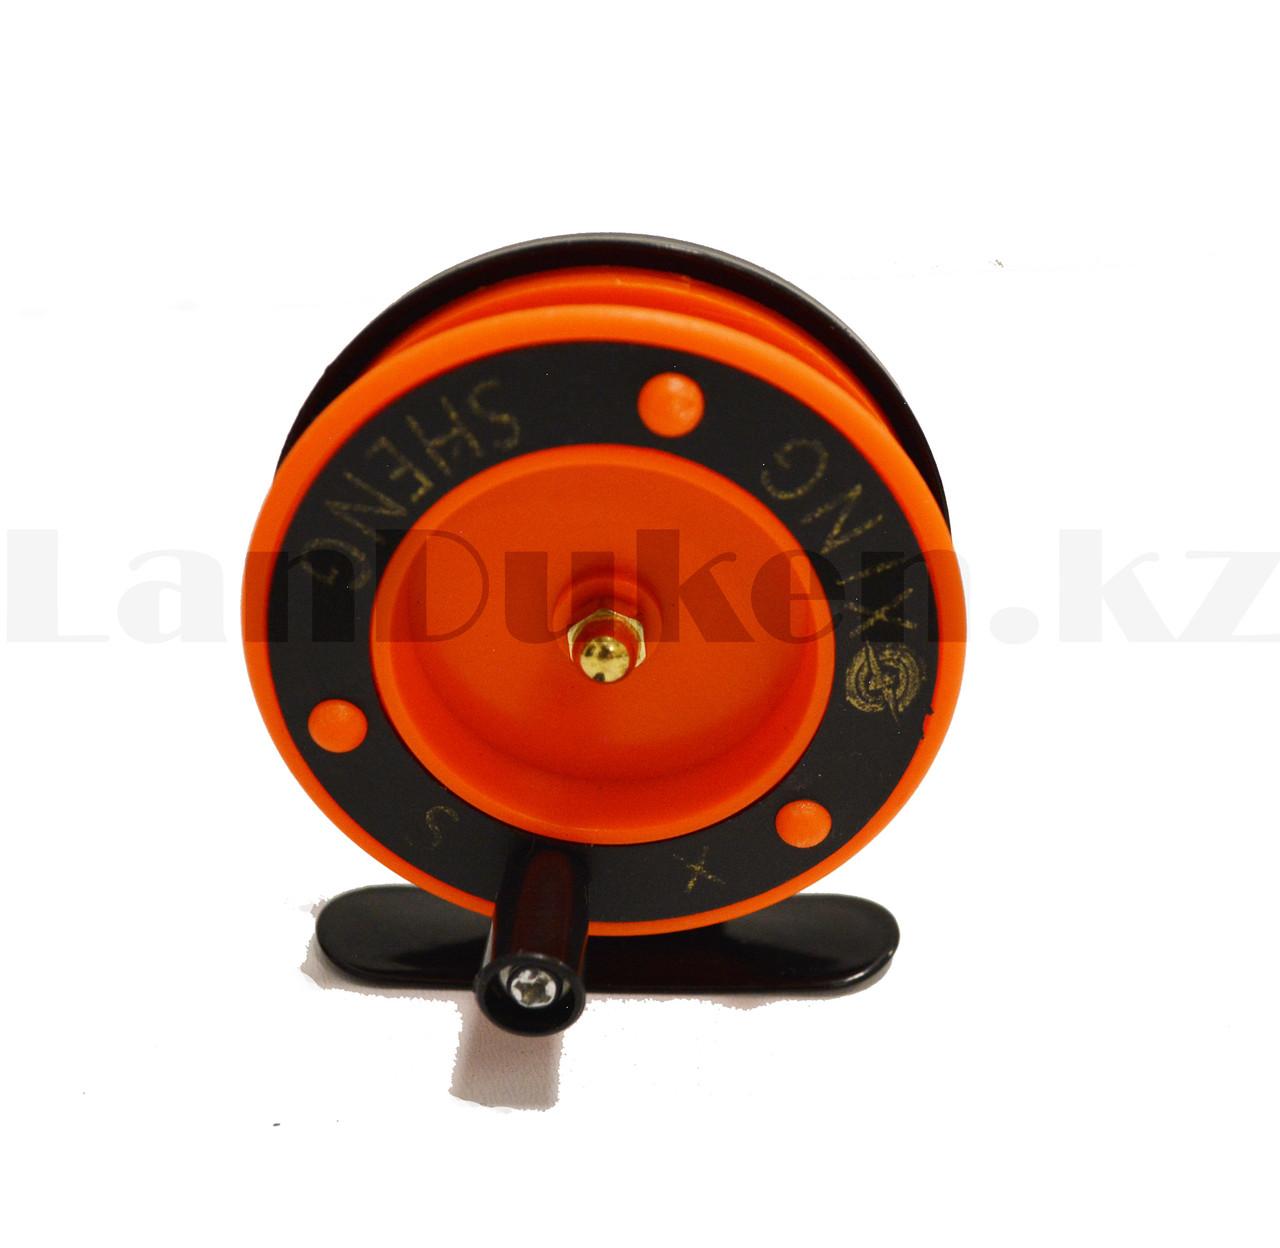 Инерционная катушка для удочки металлическая оранжевая - фото 5